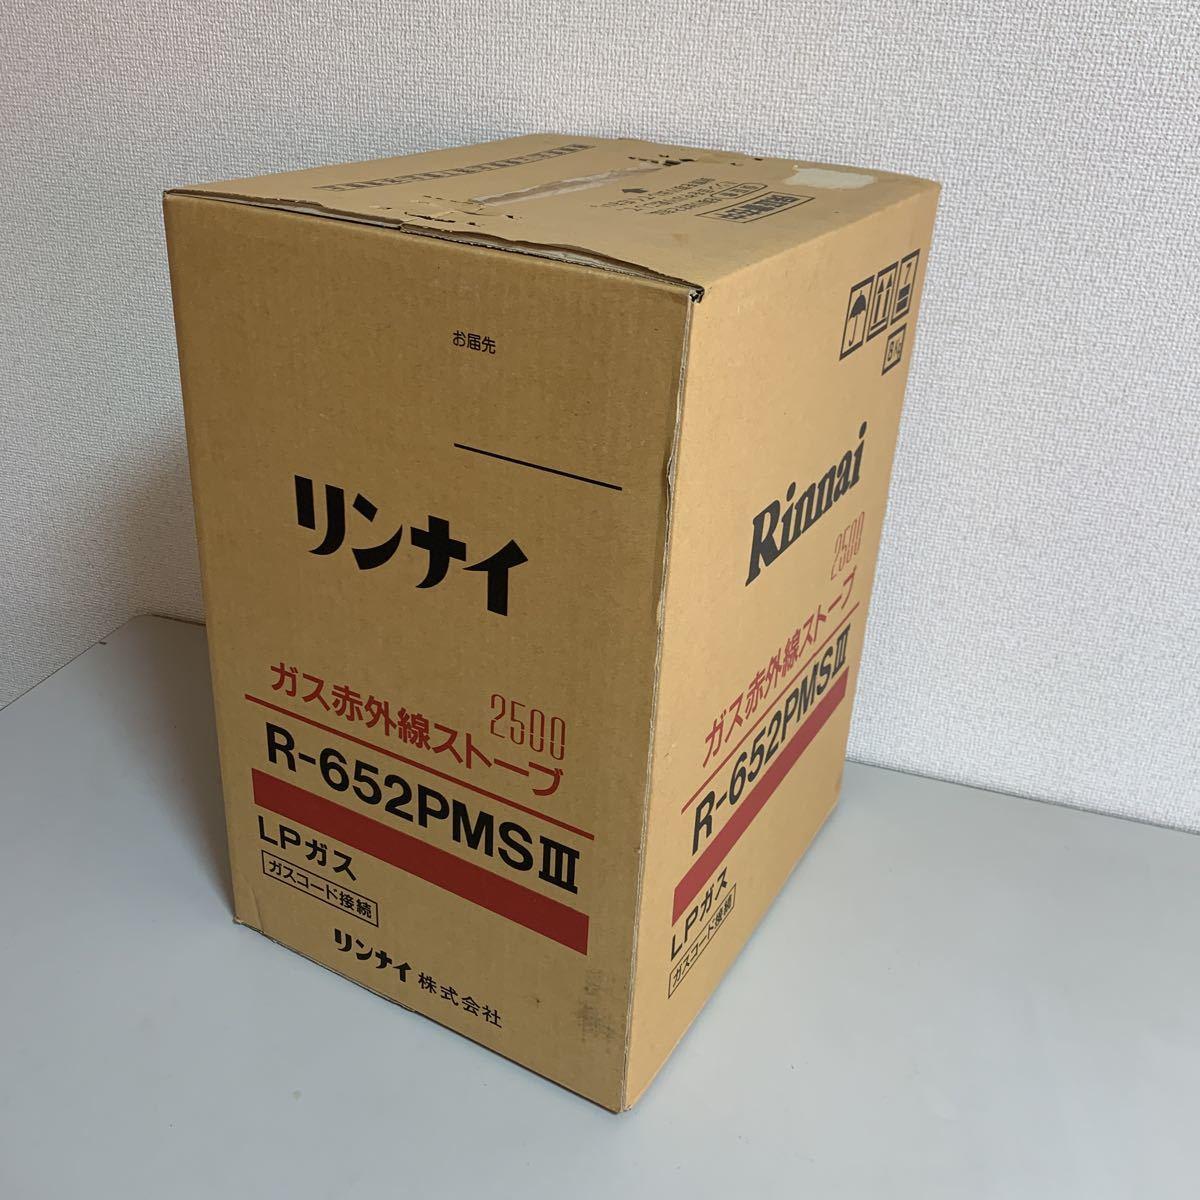 ★新古品 Rinnai ガス赤外線ストーブ R-652PMSⅢ ★_画像3